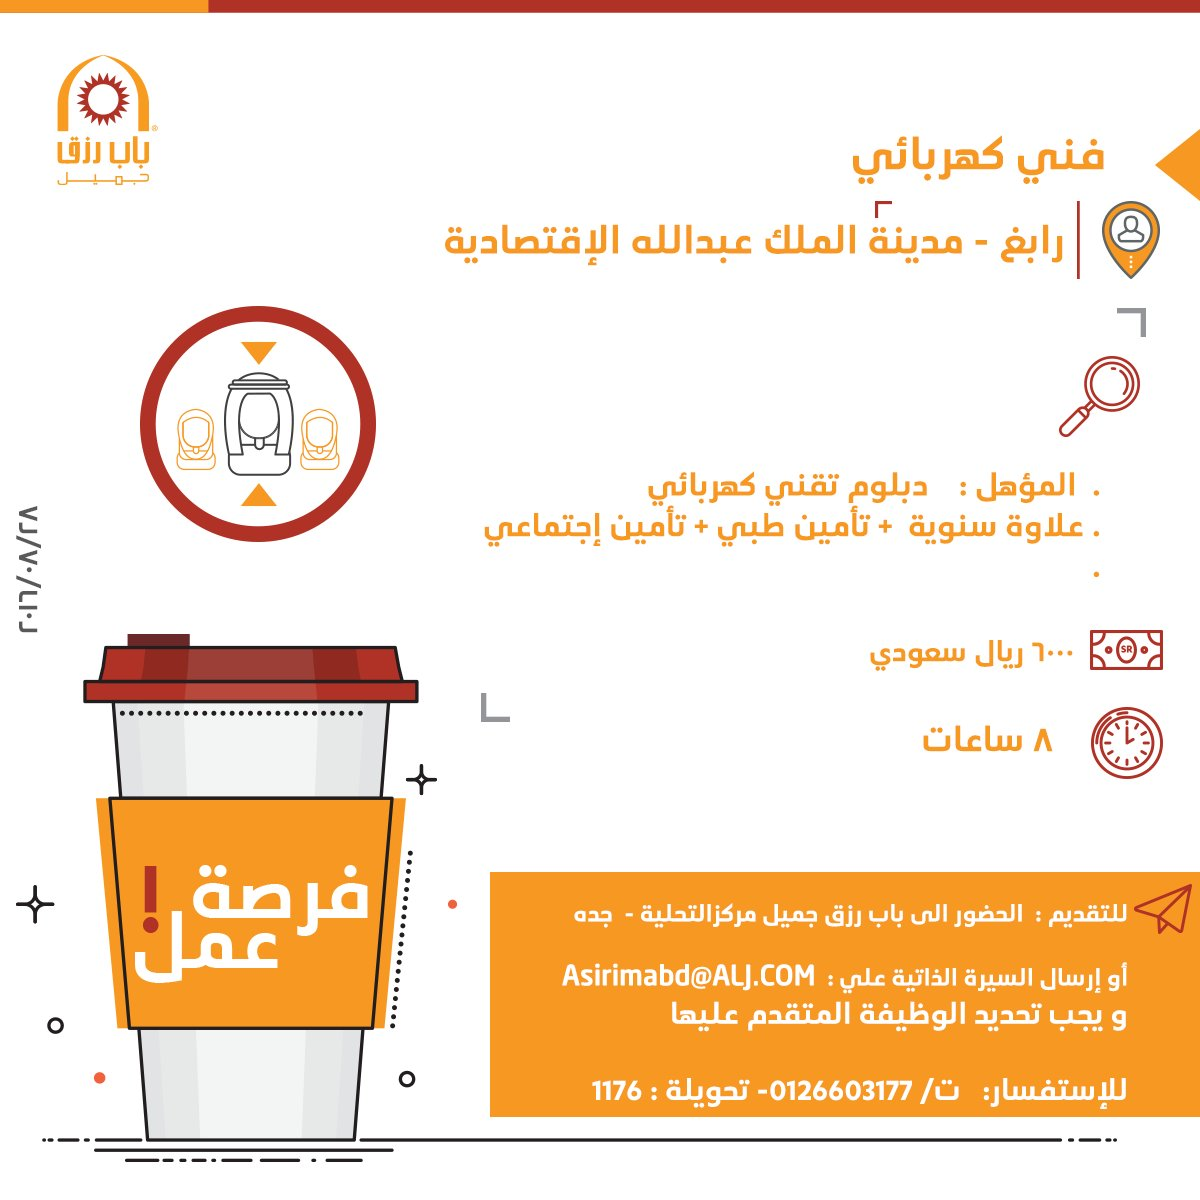 مطلوب فني كهربائي لمدينة الملك عبد الله الإقتصادية - رابغ